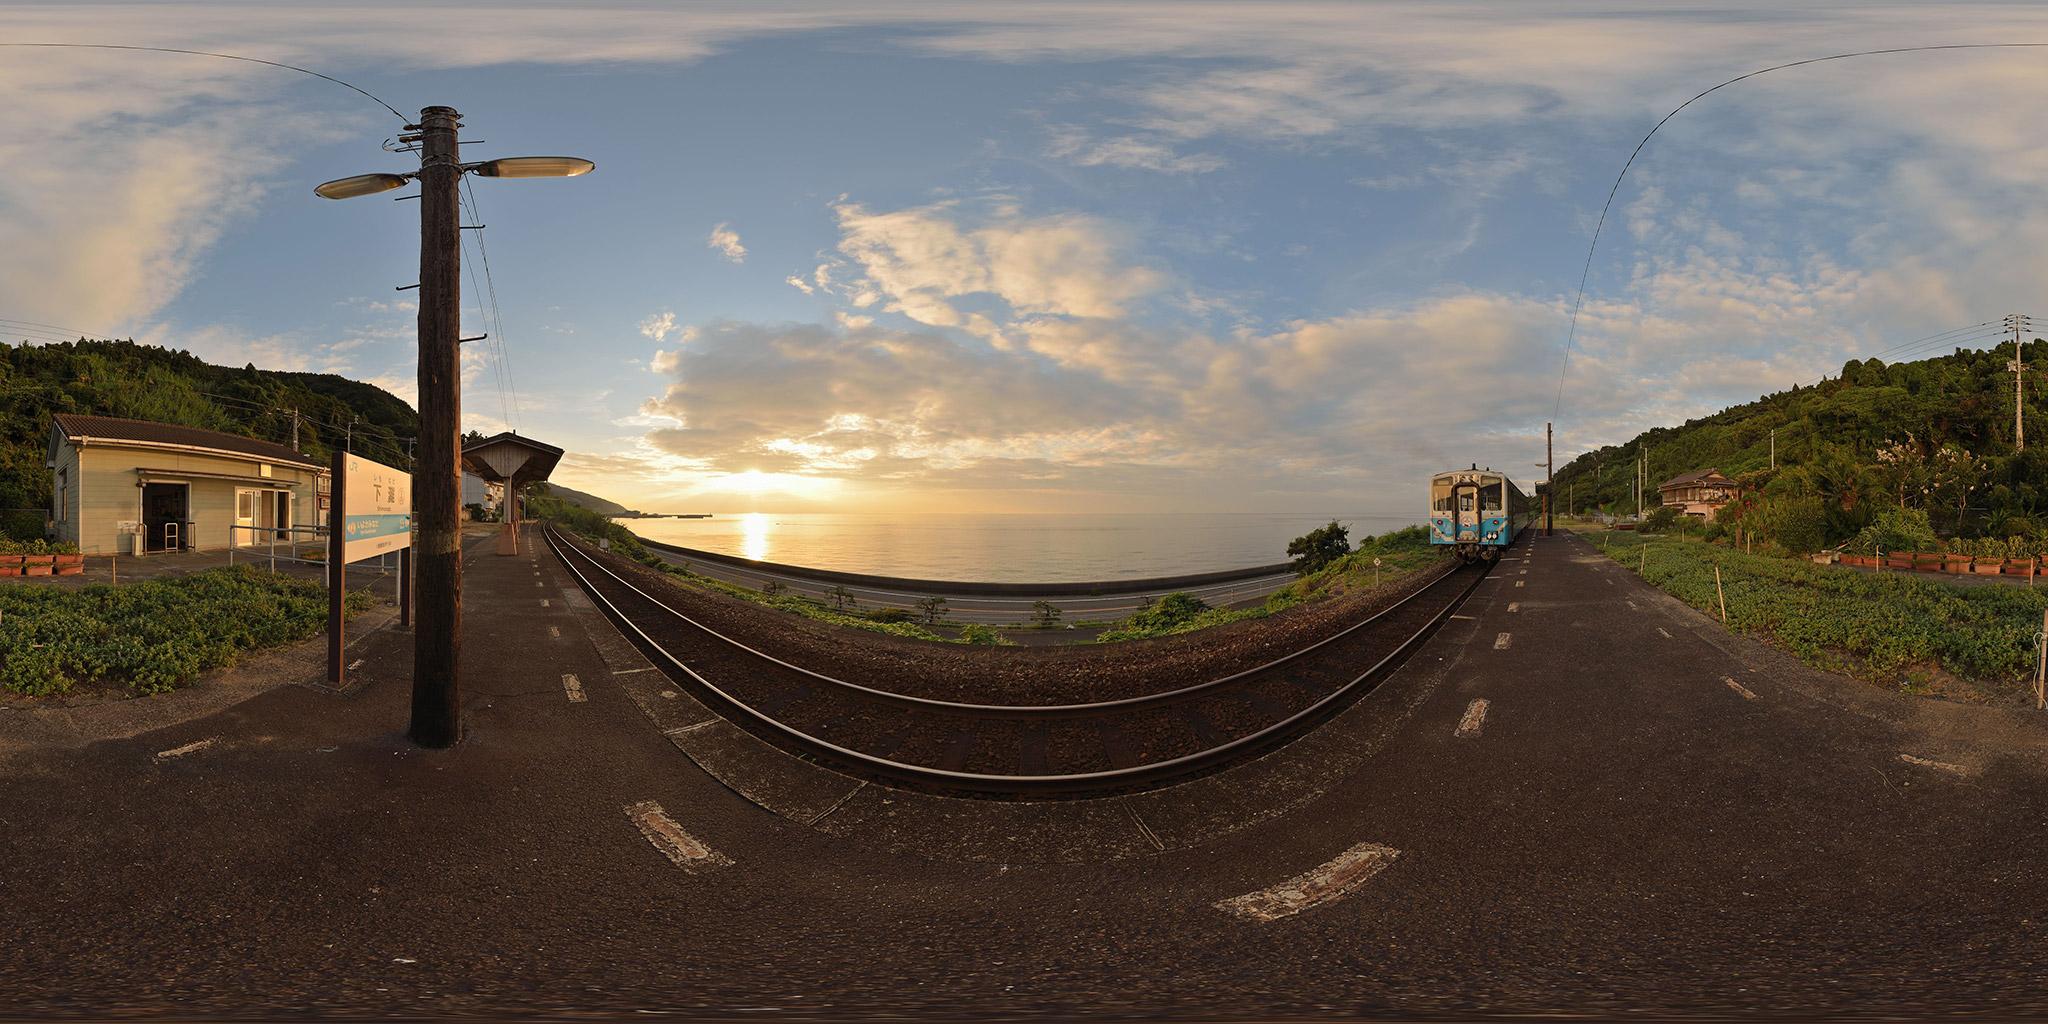 予讃線下灘駅と伊予灘に輝く夕日